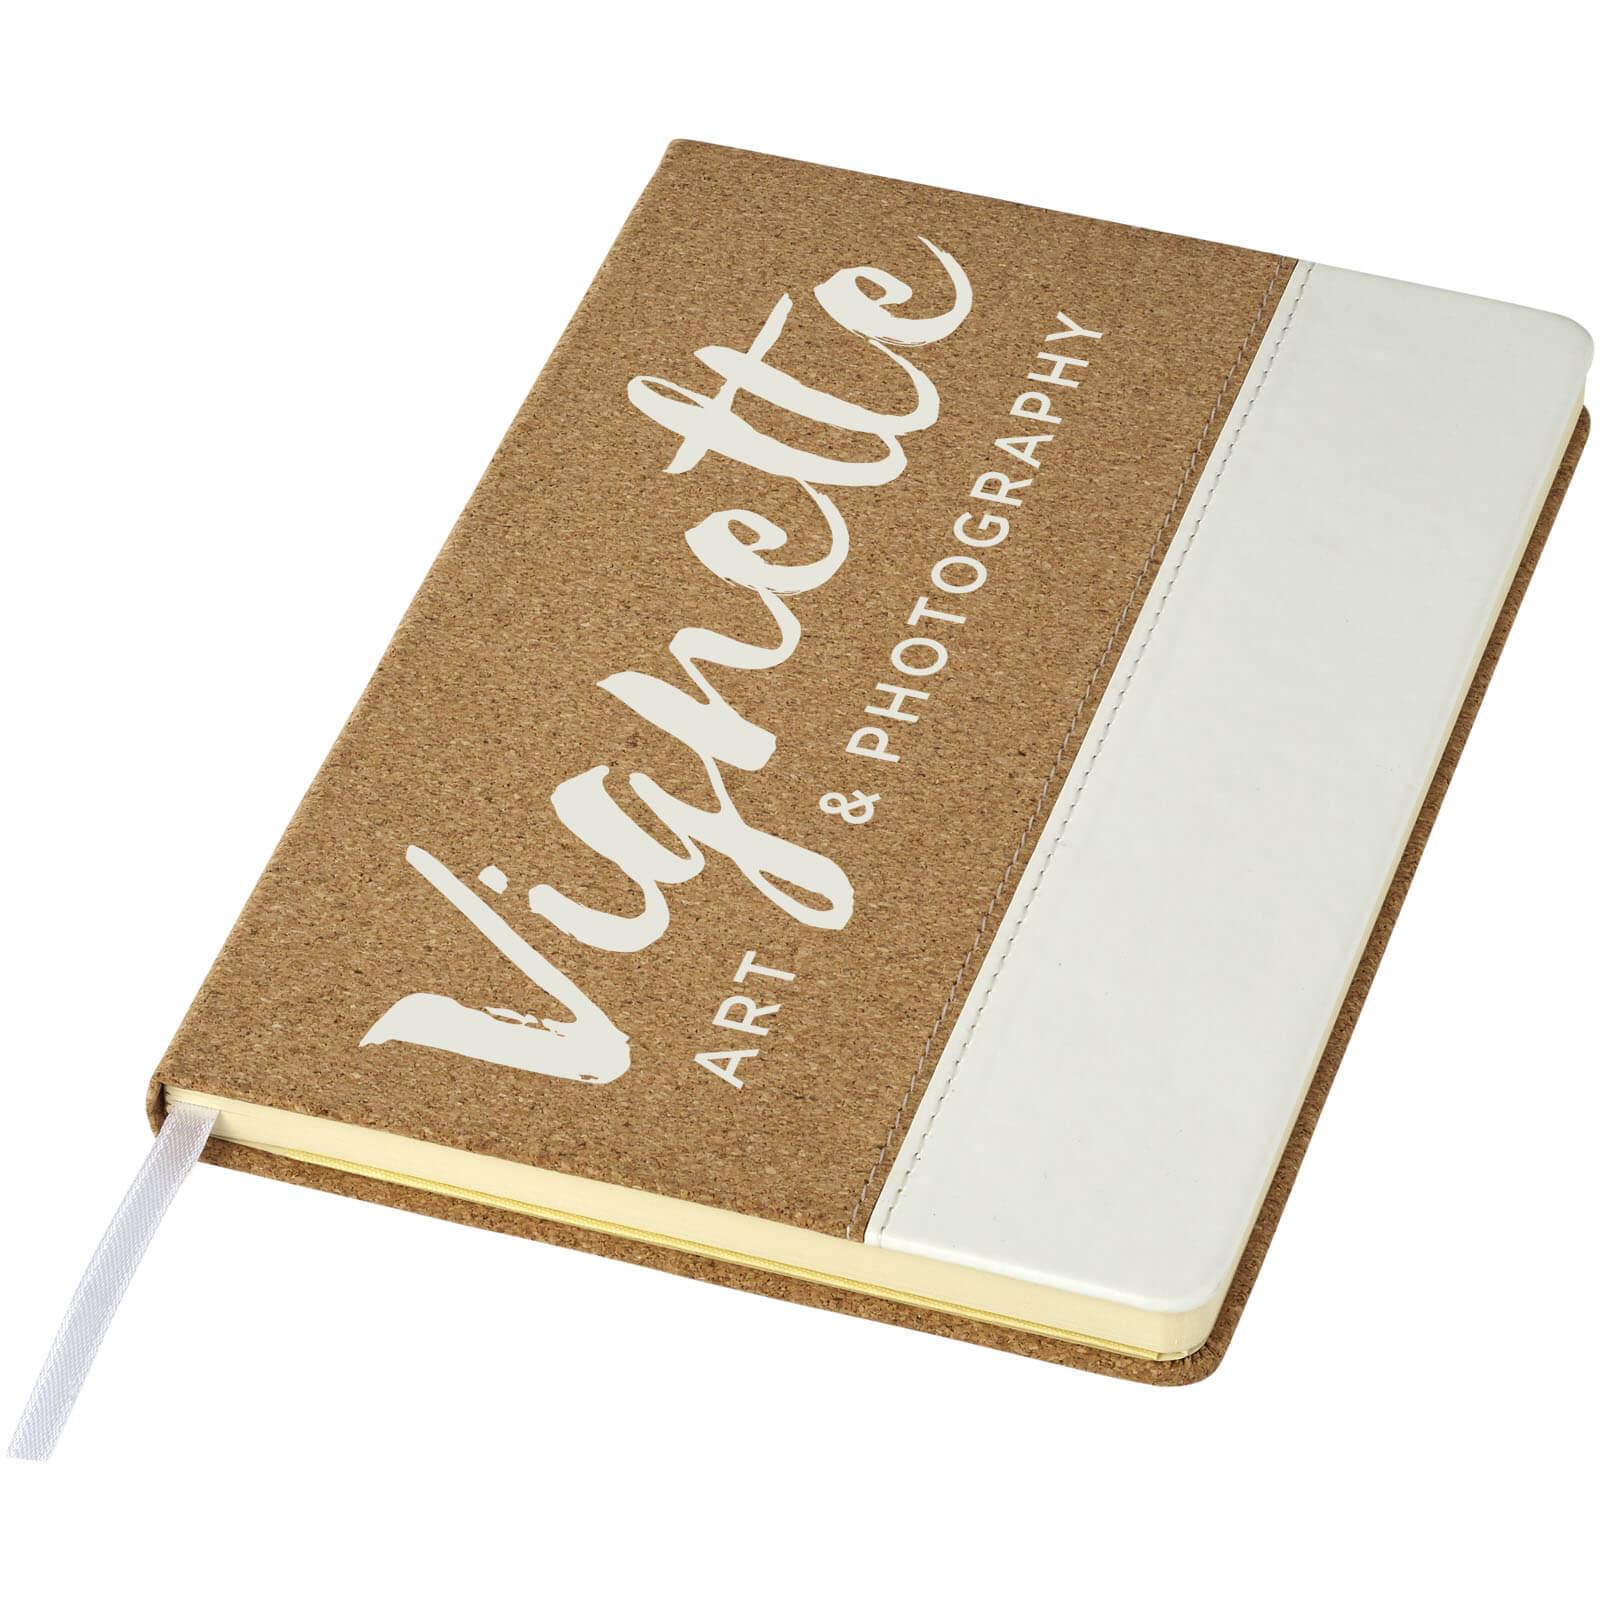 Afbeelding van 100st. Bedrukte Notitieboek Kurk A5 bedrukken notitieboekjes